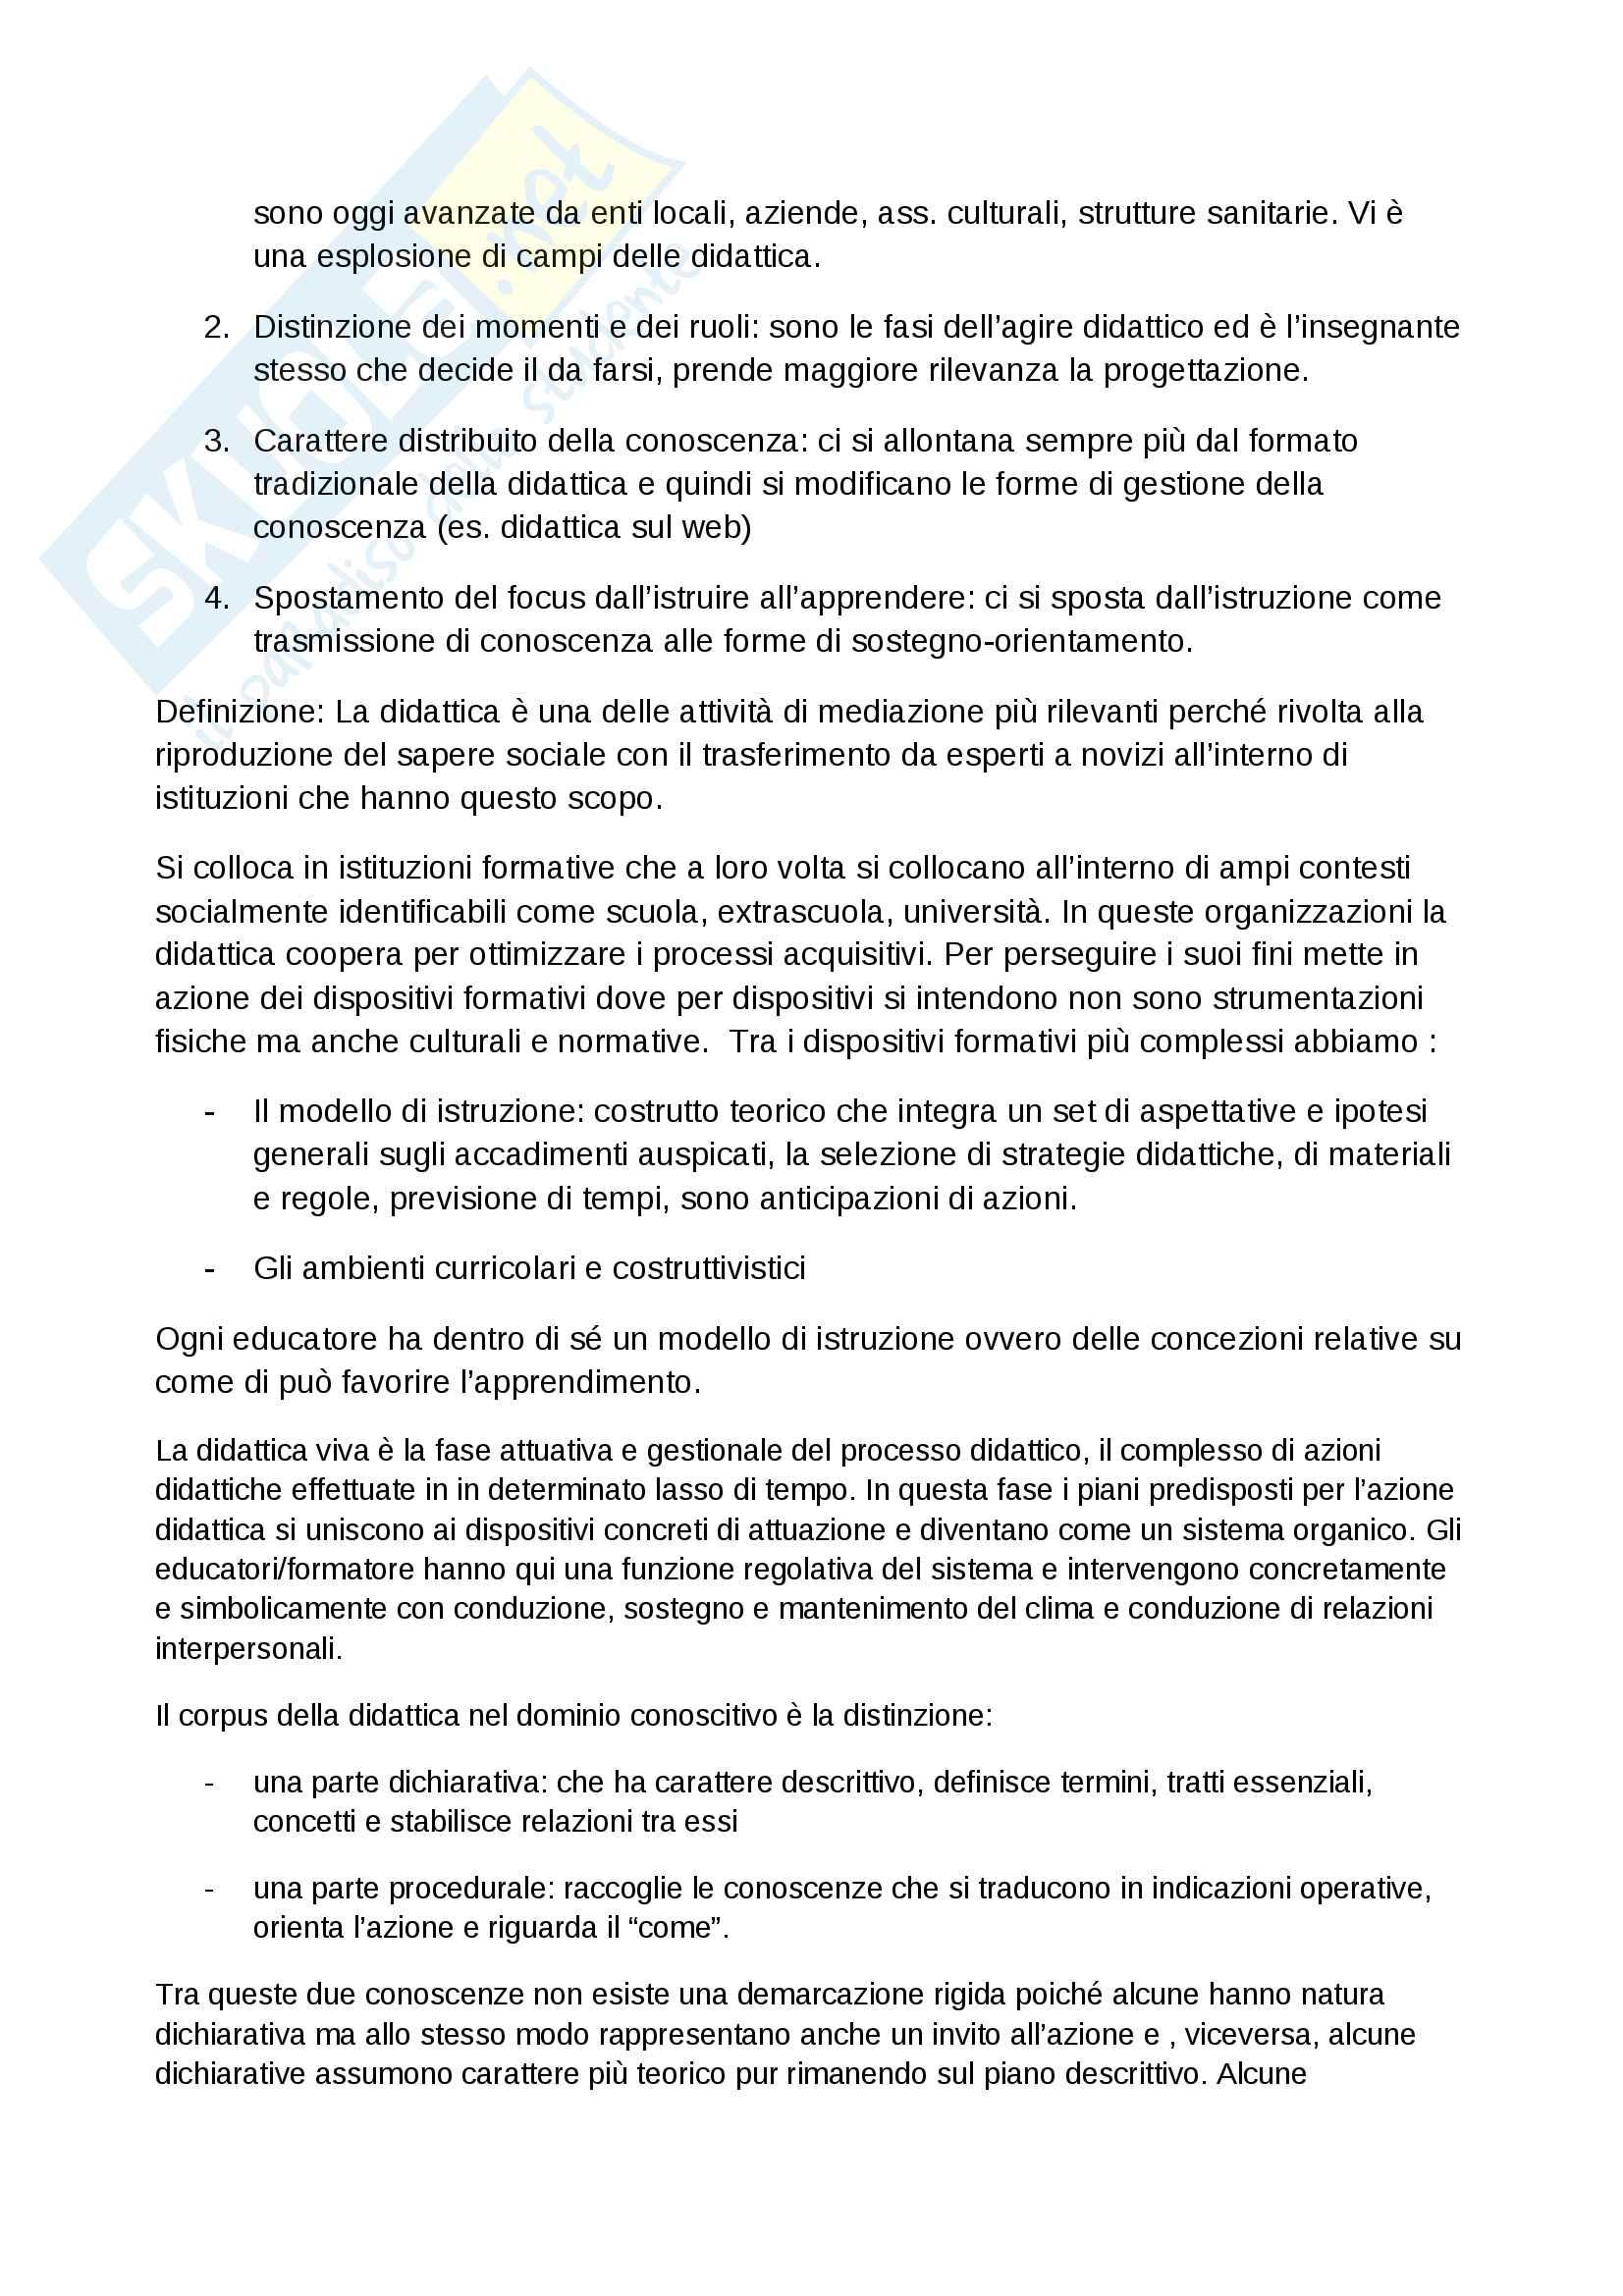 """Riassunto esame Didattica generale, docente prof.ssa Palomba, libro consigliato """"Fondamenti di didattica, teoria e prassi dei dispositivi formativi"""" (Bonaiuti, Calvani, Ranieri) Pag. 2"""